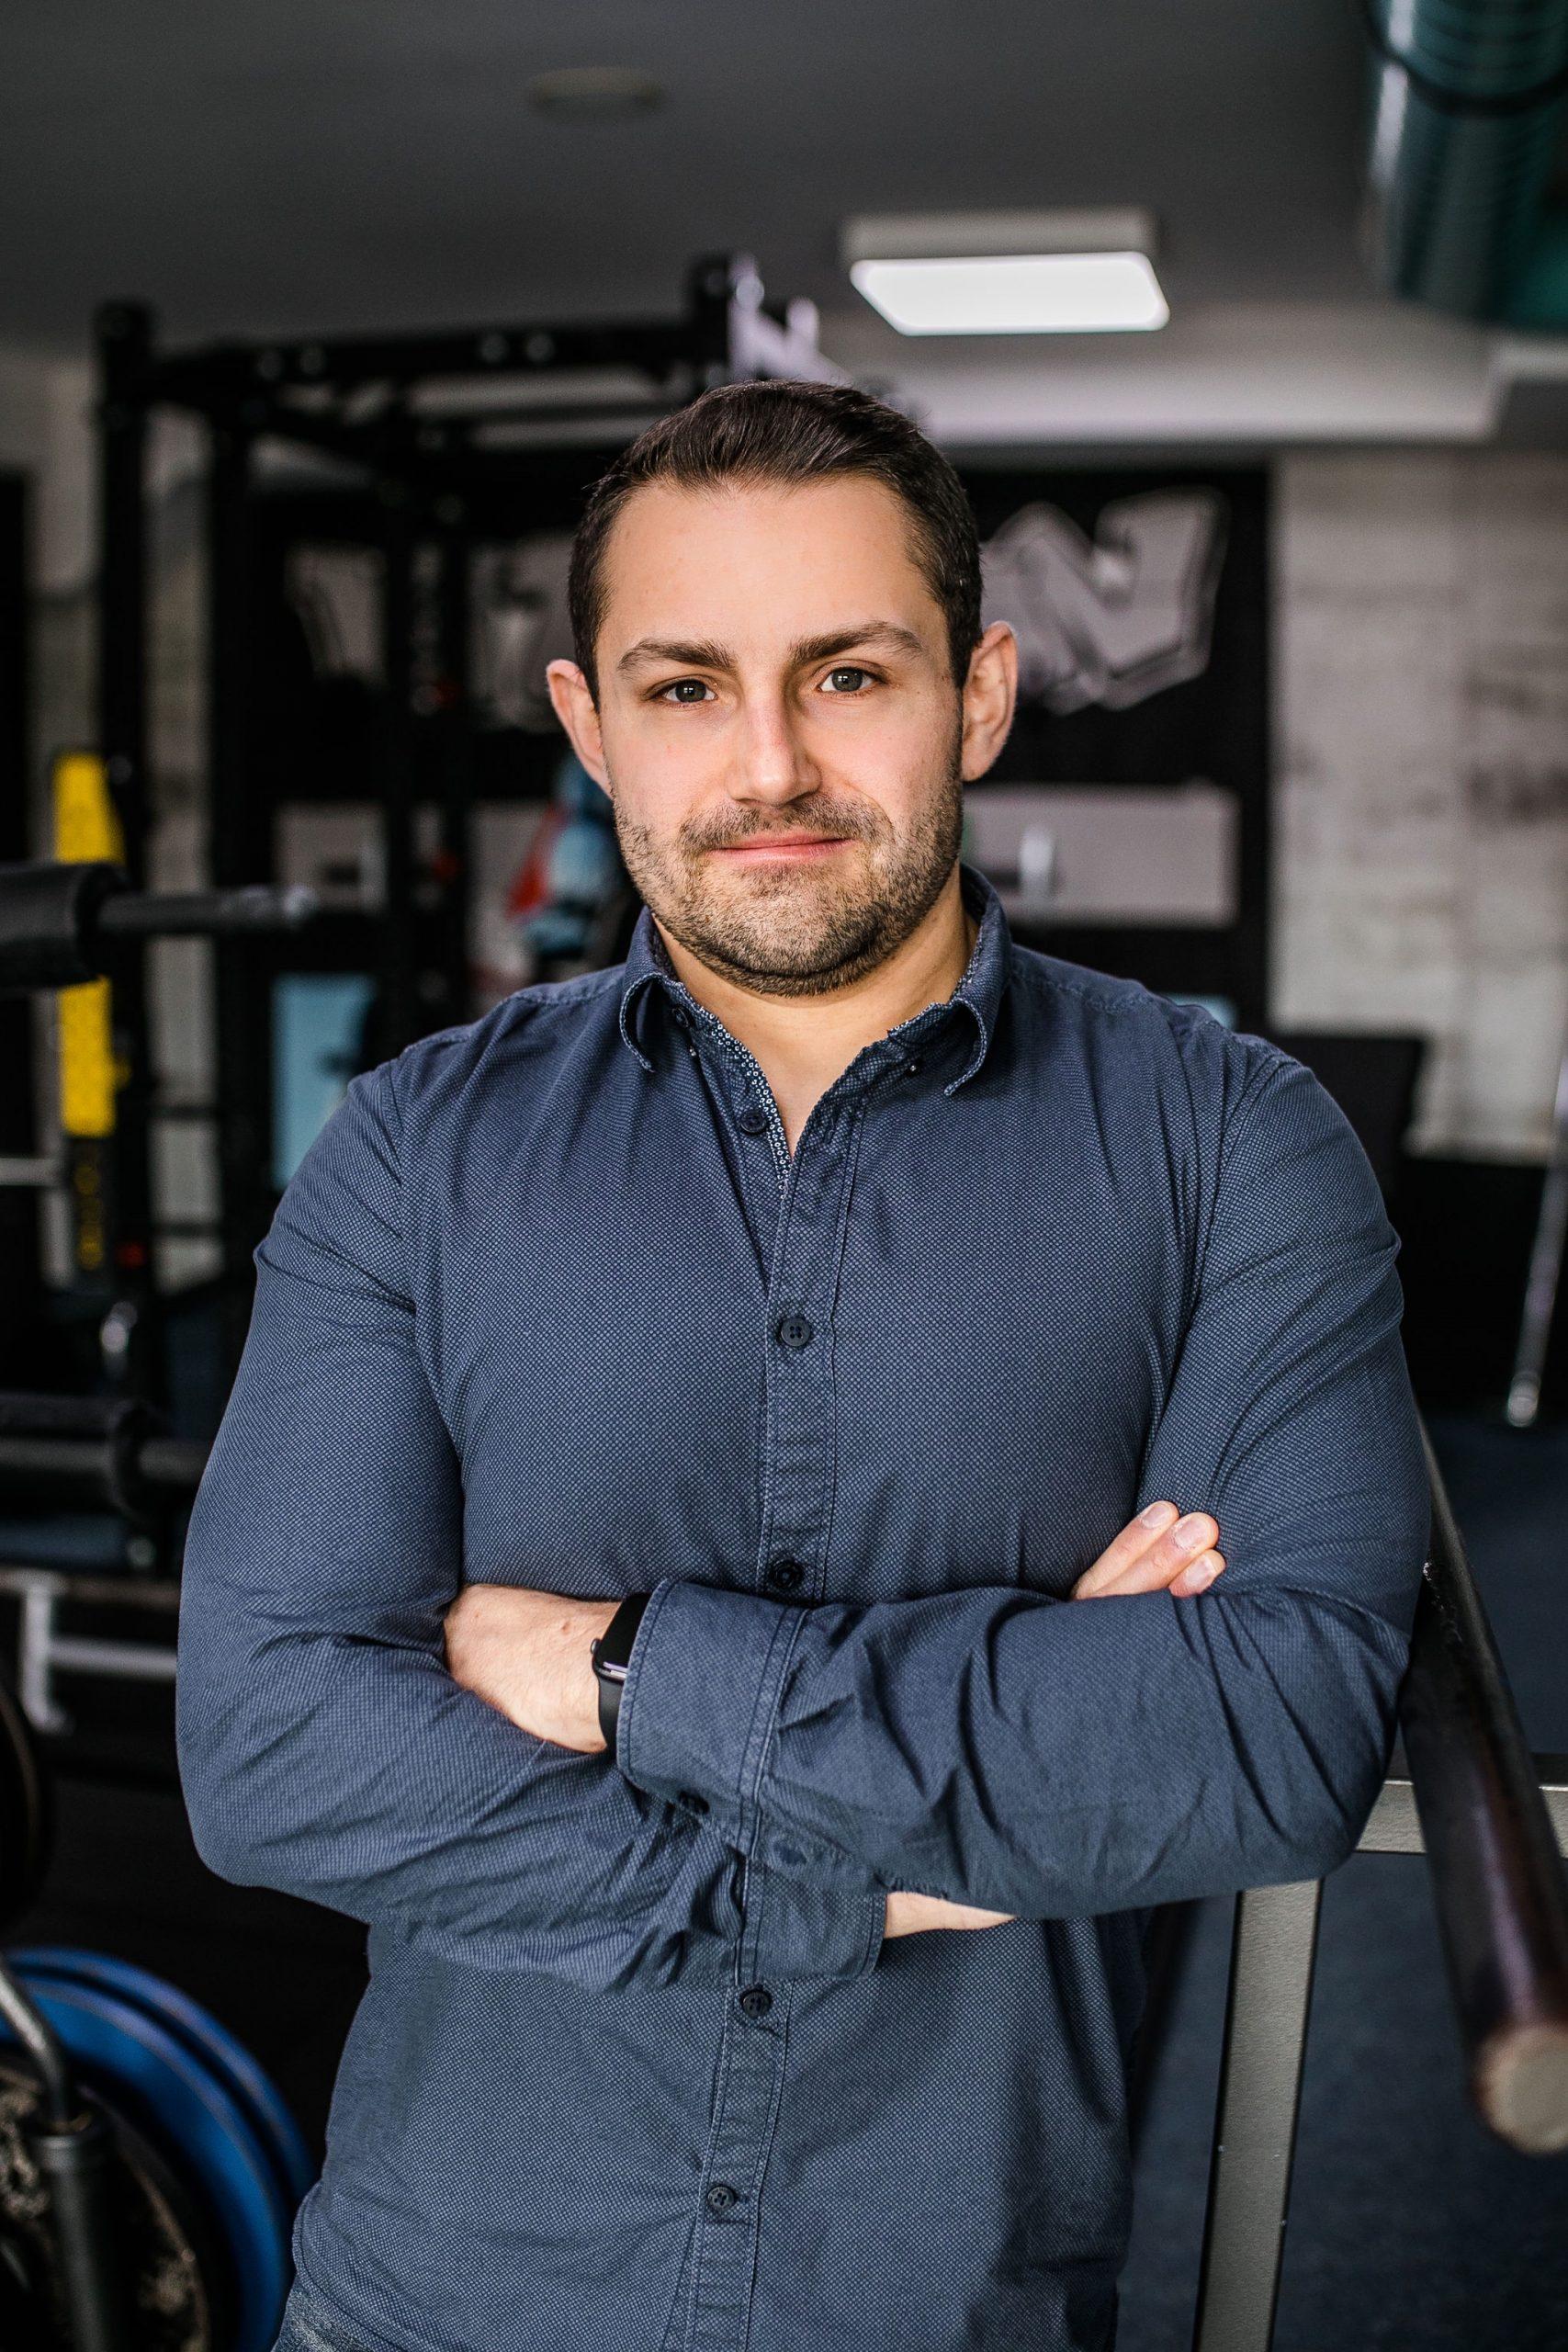 Alexander Alex Zäch